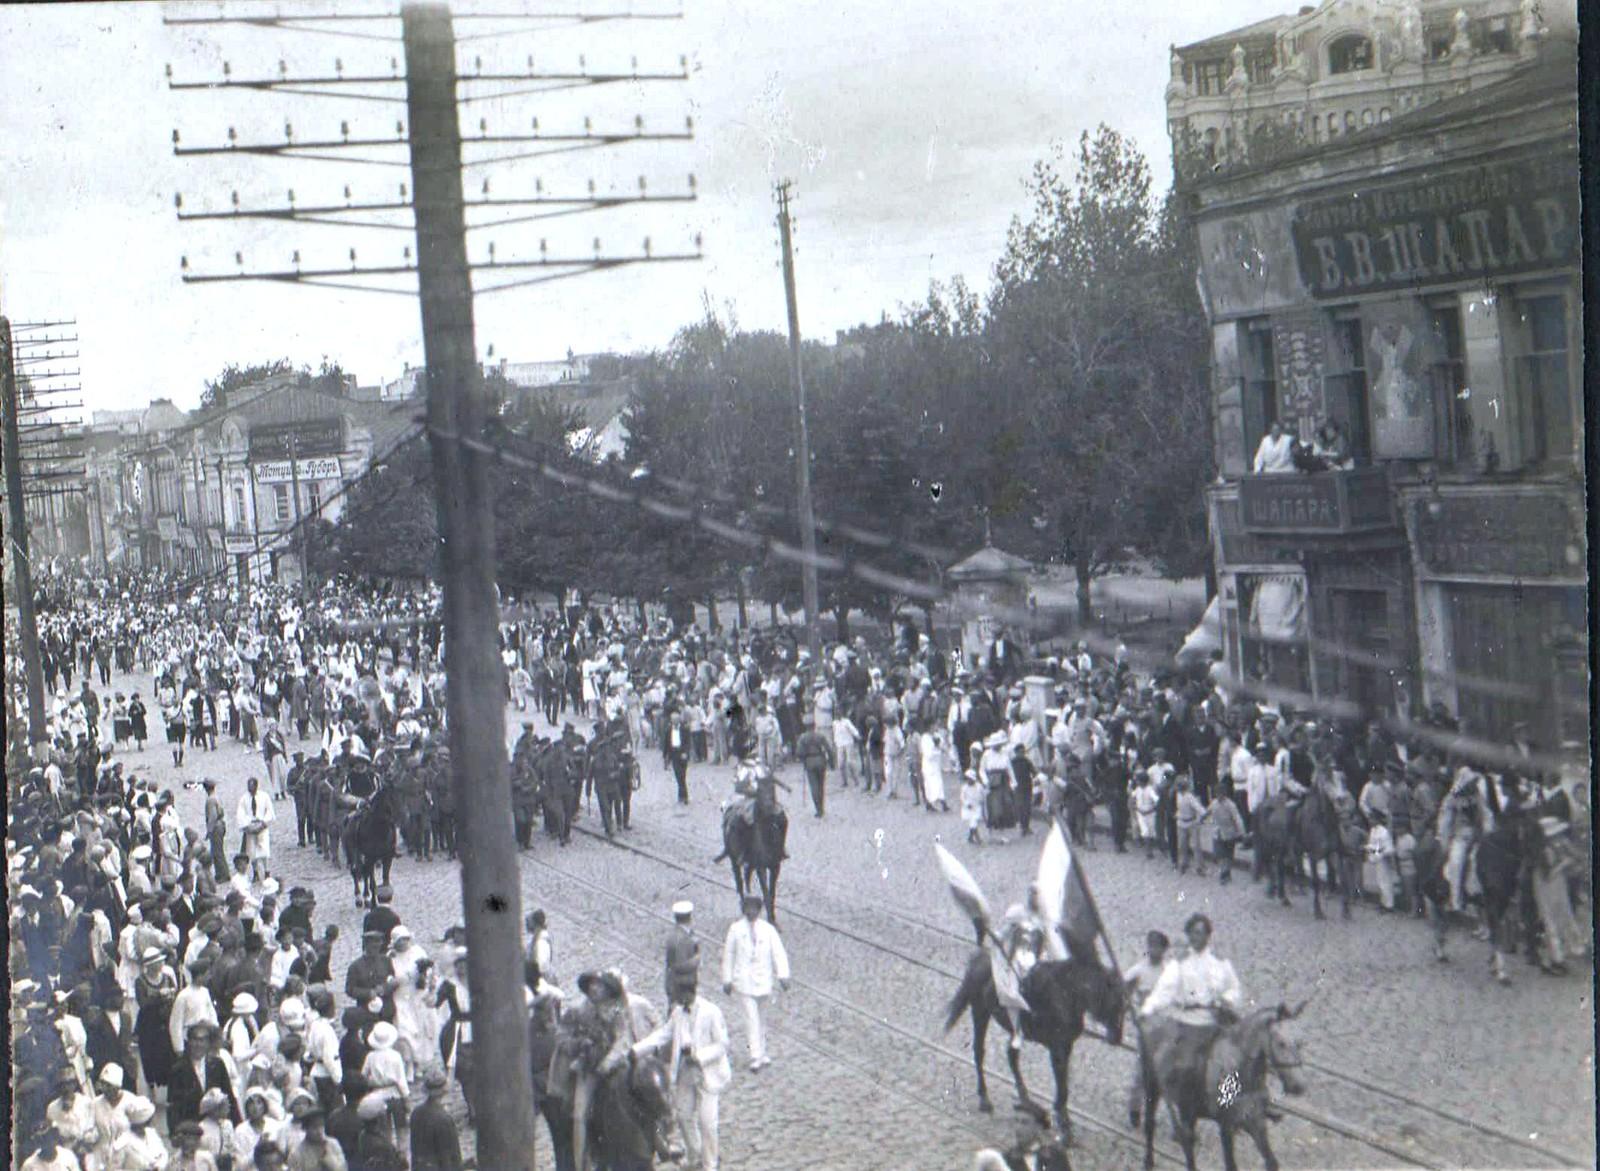 169. 1919. Вступление Добровольческой армии в освобождённый Харьков 25 июня